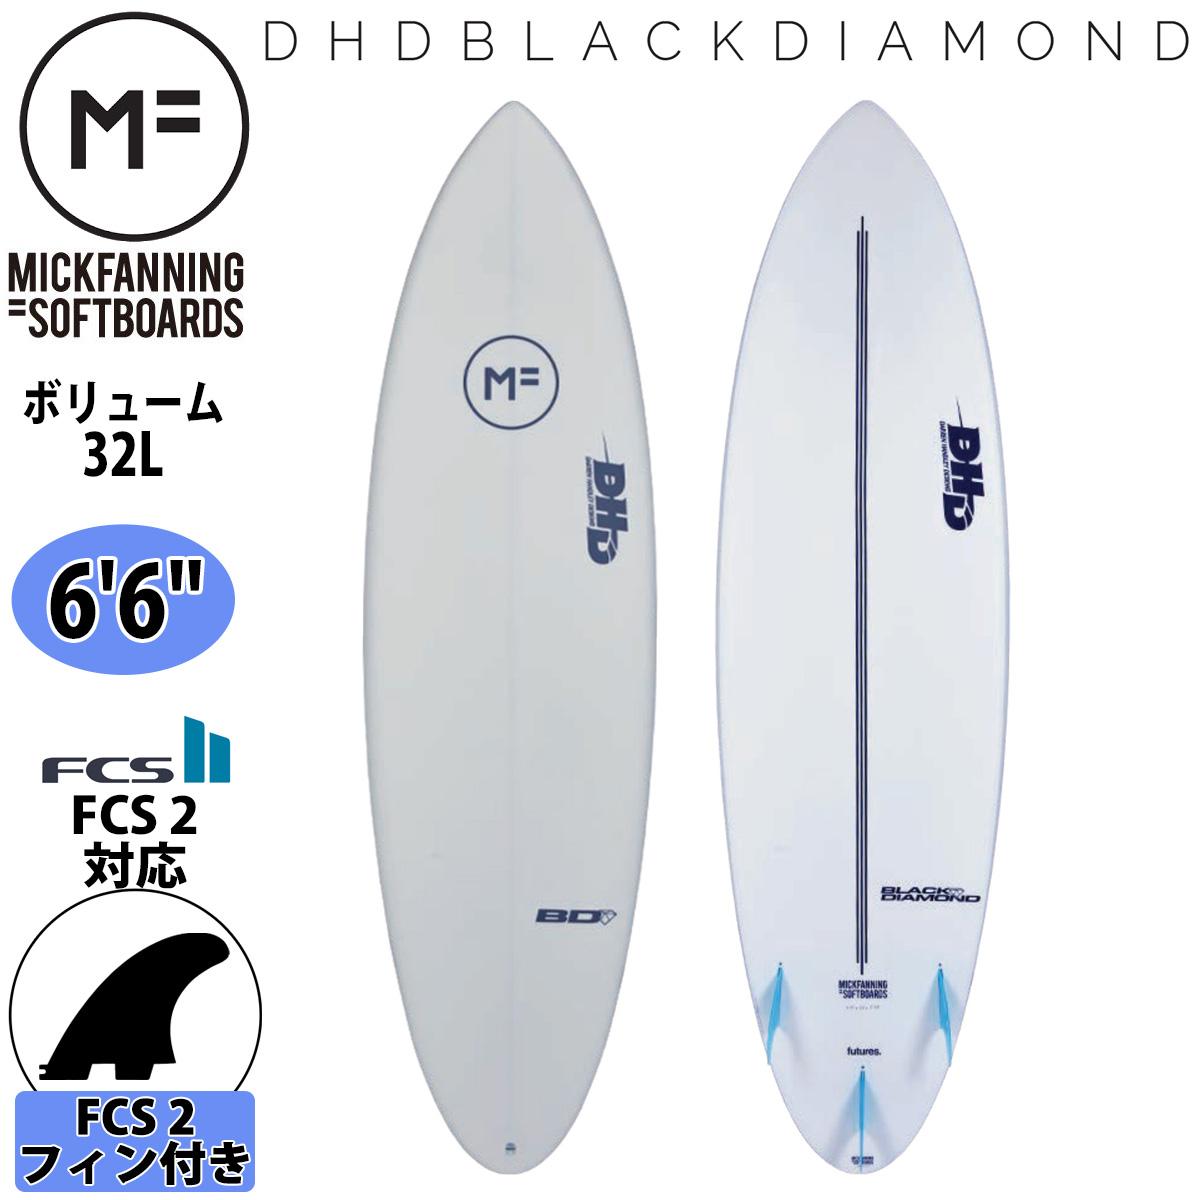 サーフボード ソフトボード ミックファニング DHD シリーズ DIAMOND ブラックダイアモンド SOFTBOARD 2021年モデル 品番 日本正規品 FANNING F20-MF-BDW-606 6'6 2020年12月下旬出荷 BLACK ディーエイチディー soft MF 予約商品 MICK boards